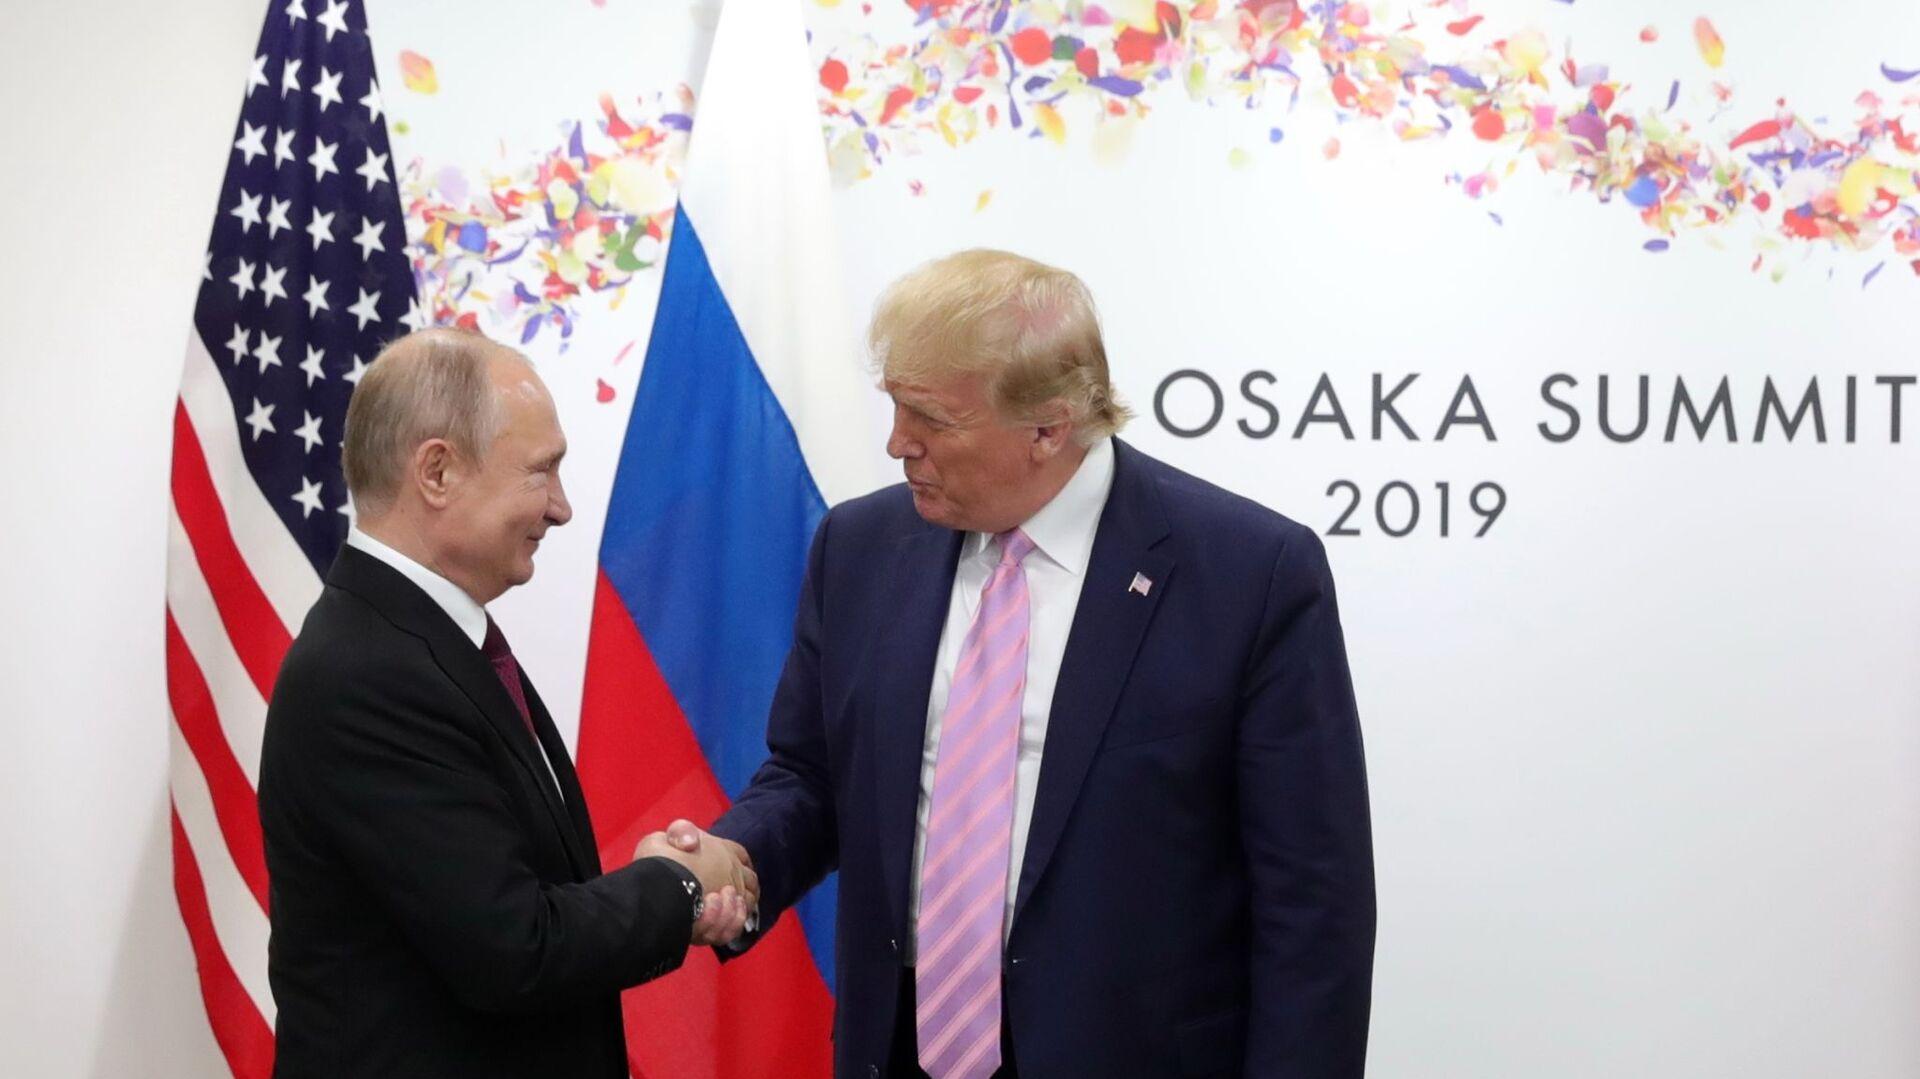 Ruský prezident Vladimir Putin a americký prezident Donald Trump během setkání na okraji summitu G20 v Osace - Sputnik Česká republika, 1920, 29.09.2021